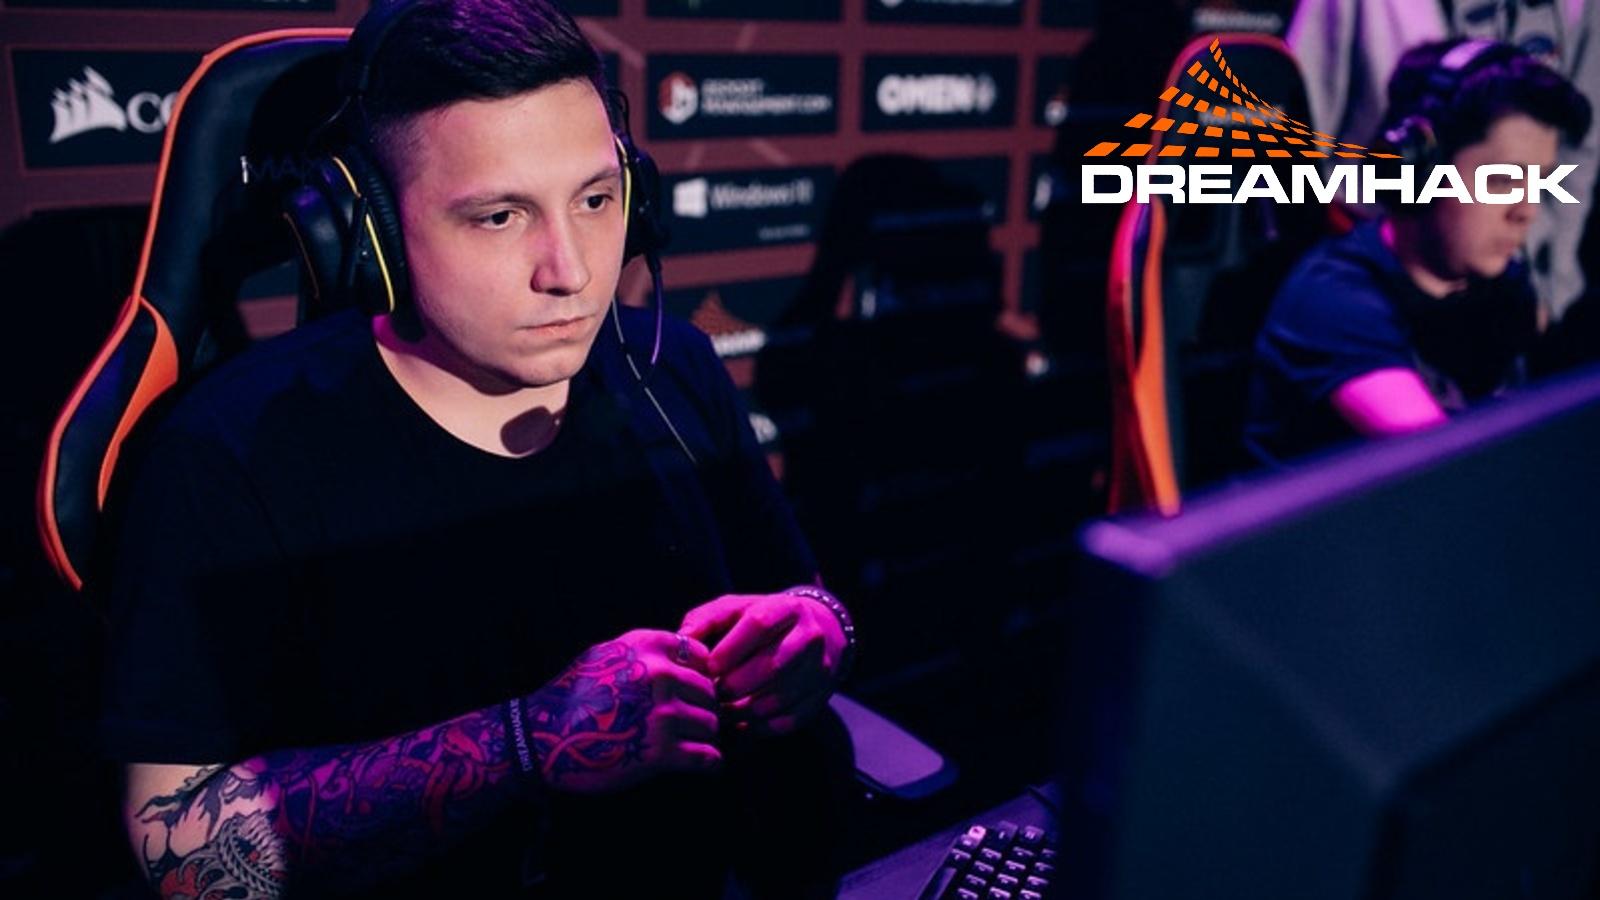 Flow Dota 2 Dreamhack